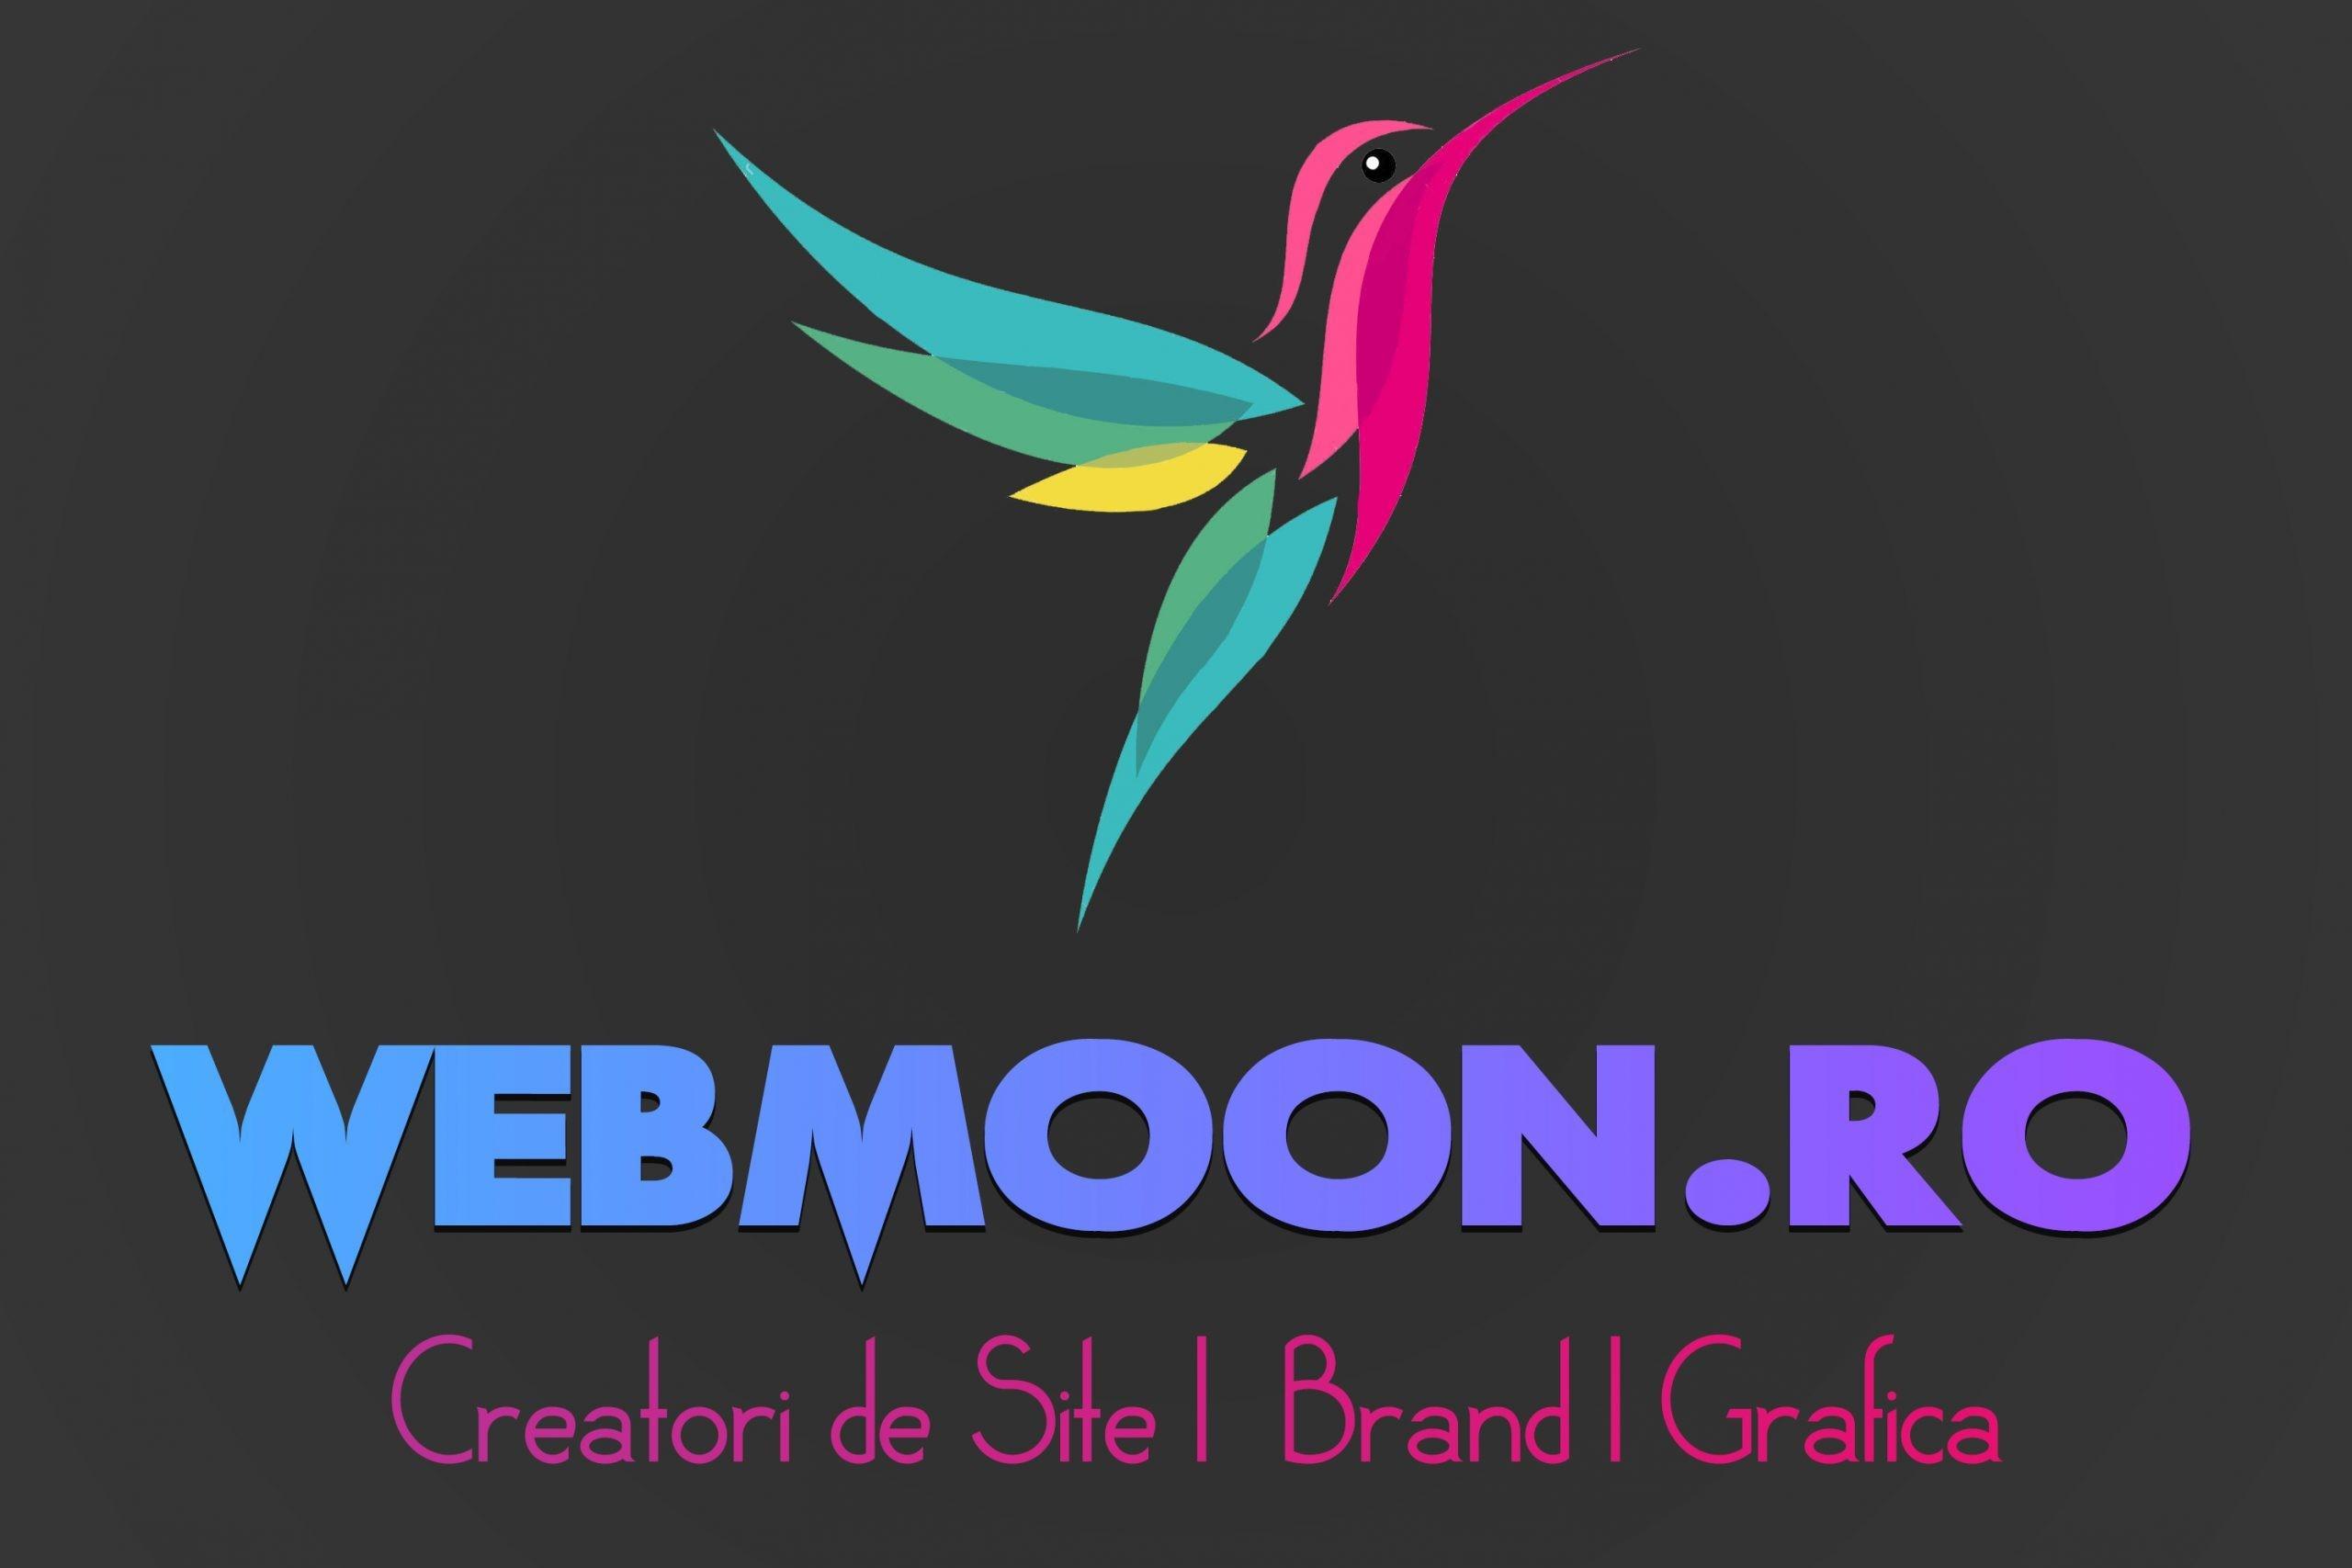 Webmoon.ro